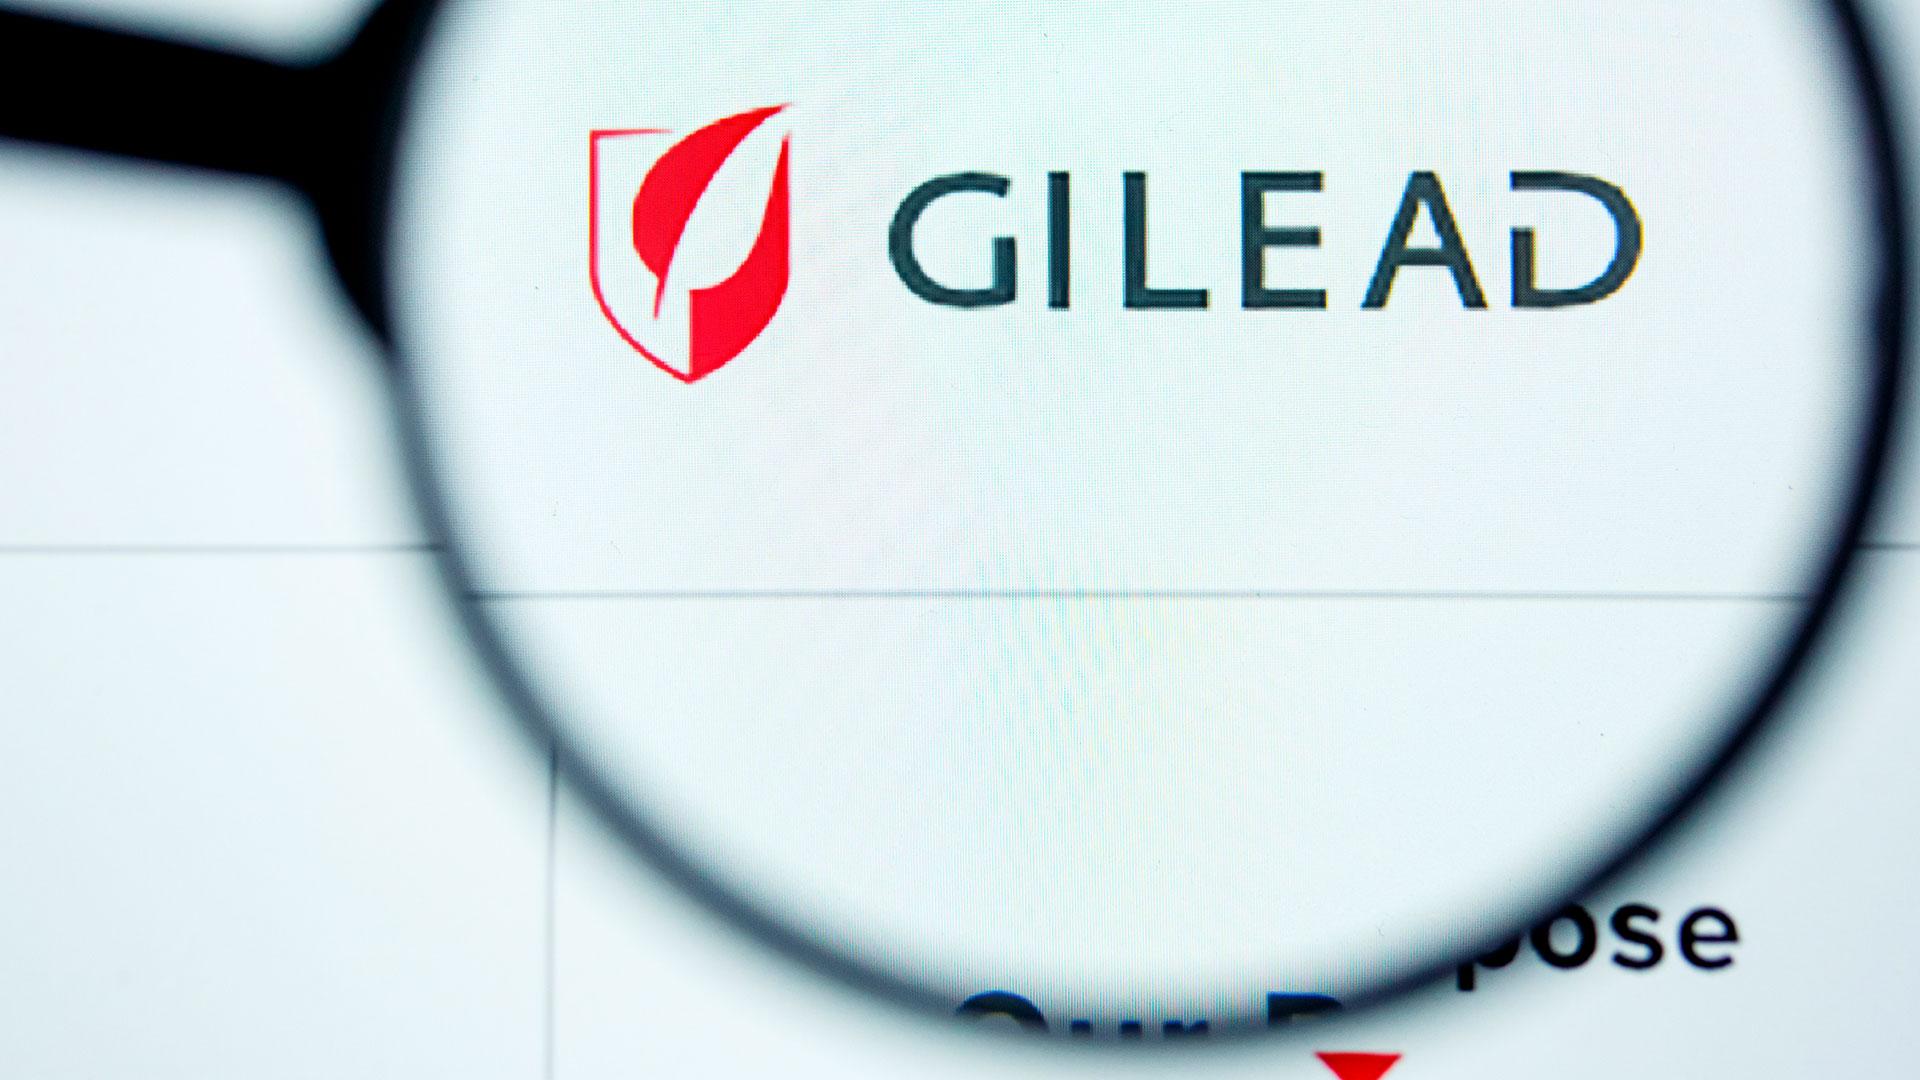 AKTIONÄR-Depot-Wert Gilead: Studiendaten sorgen für Enttäuschung – Aktie rutscht ins Minus